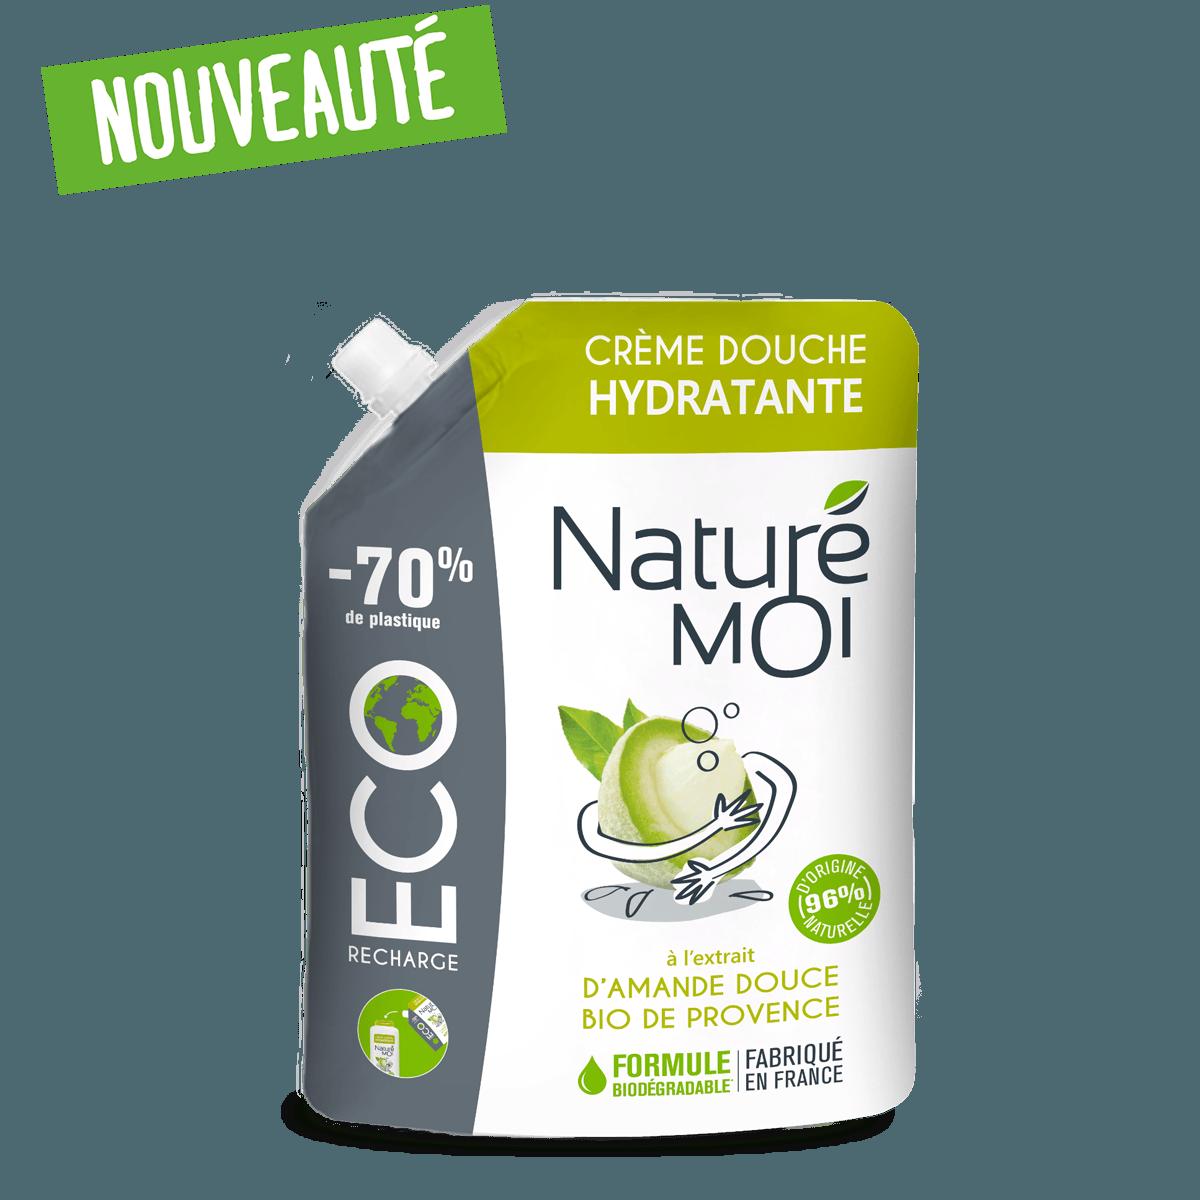 Crème Douche Hydratante à l'amande douce BIO de Provence